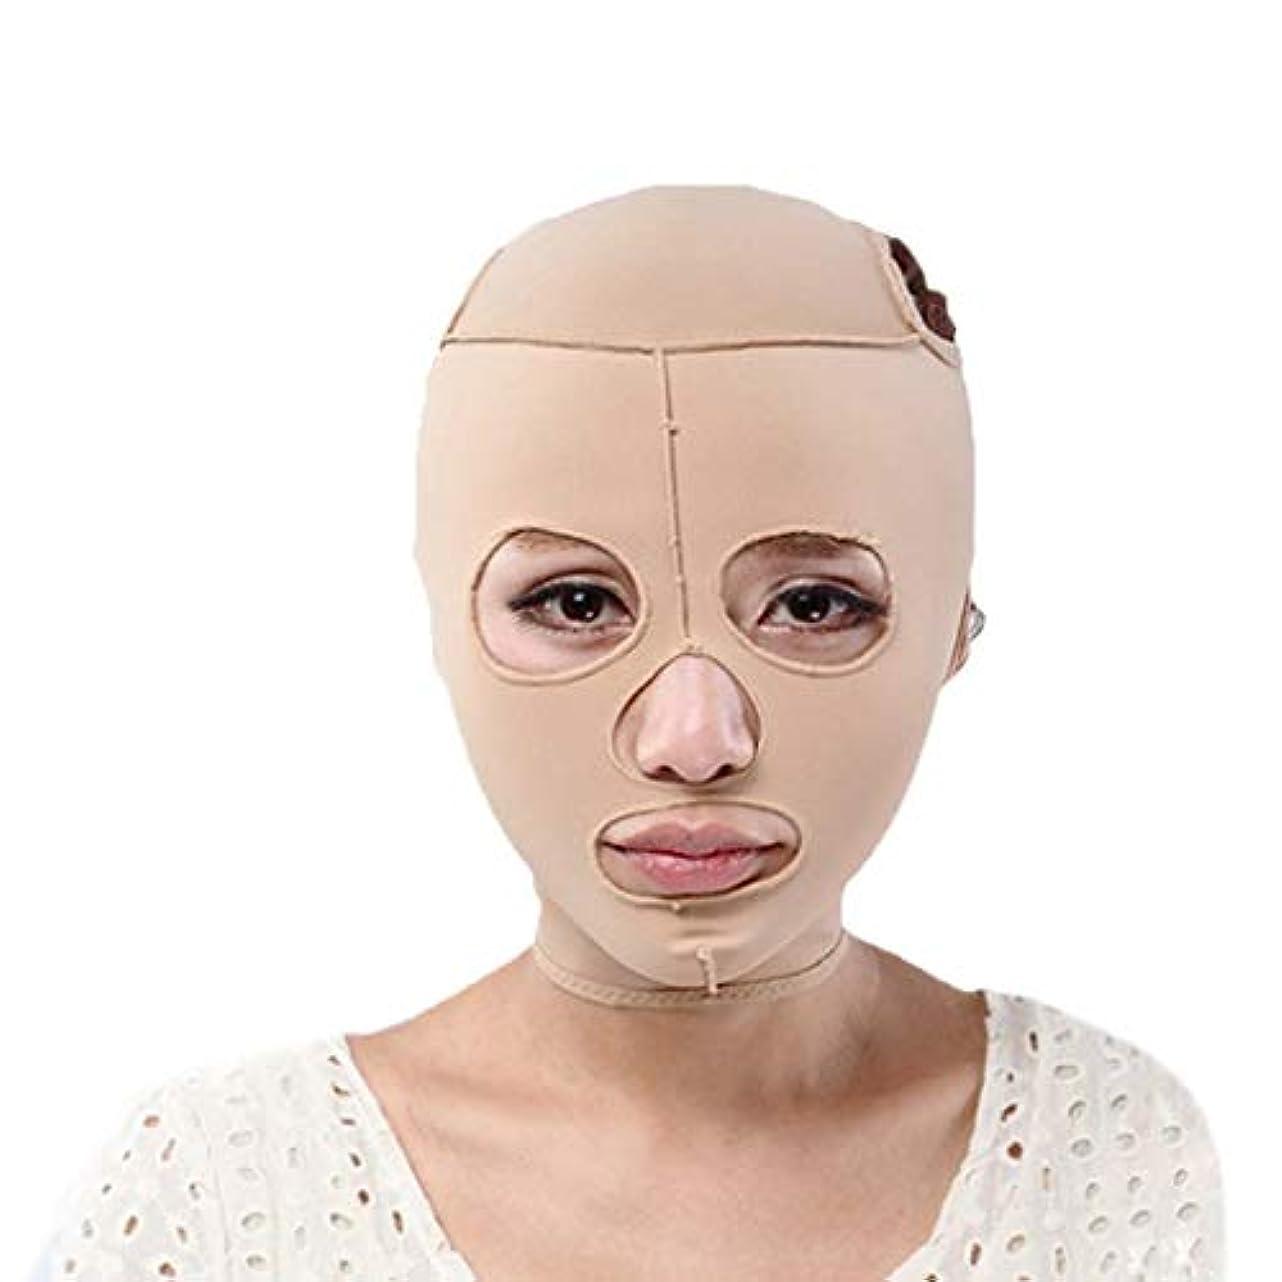 敵対的本物の非効率的なチンストラップ、顔の減量アンチシワマスク、快適な通気性マスク付きオールインクルーシブフェイス、薄型フェイスマスクリフティング包帯引き締め(サイズ:S),L